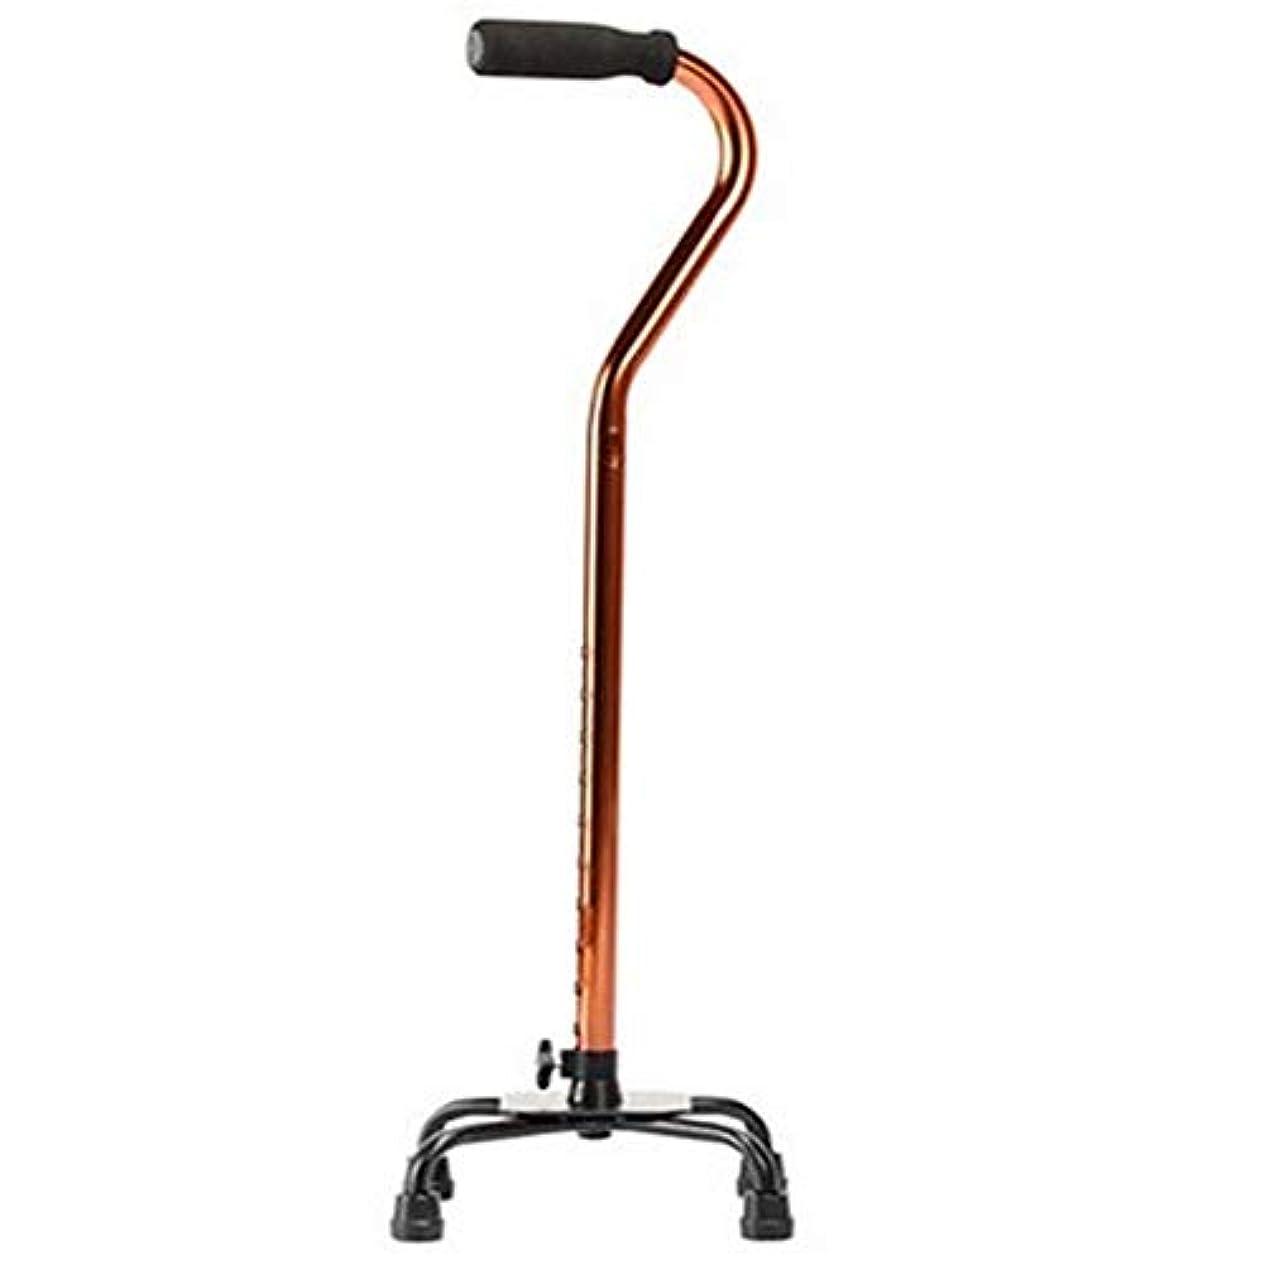 風異なる感性高齢者の松葉杖のアルミニウム調節可能なスリップ4フィートの杖、安全な4つの爪松葉杖(青銅)